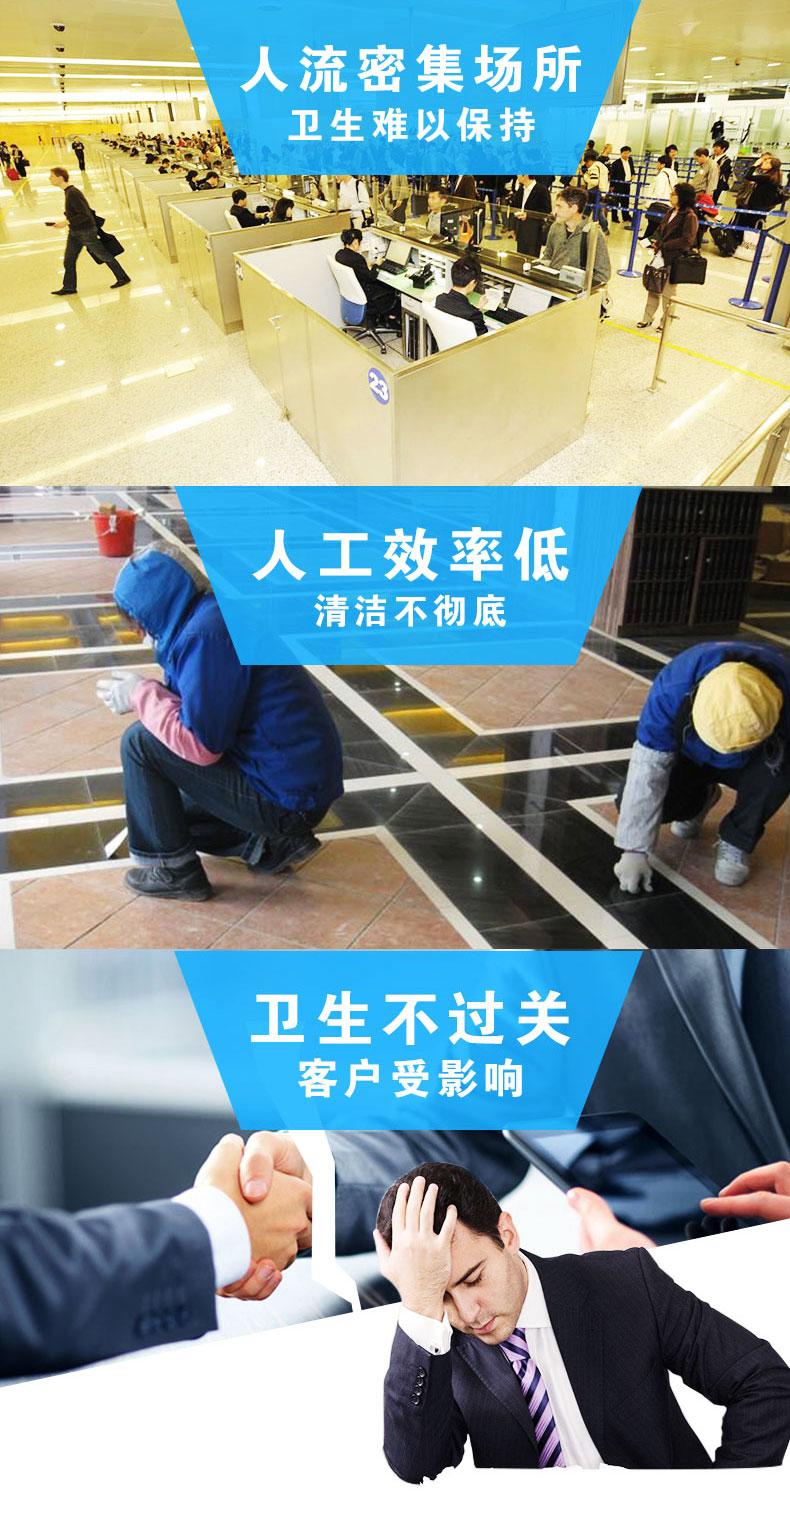 鼎洁盛世DJ860M驾驶式洗地机物业地下车库用洗地车详情_02